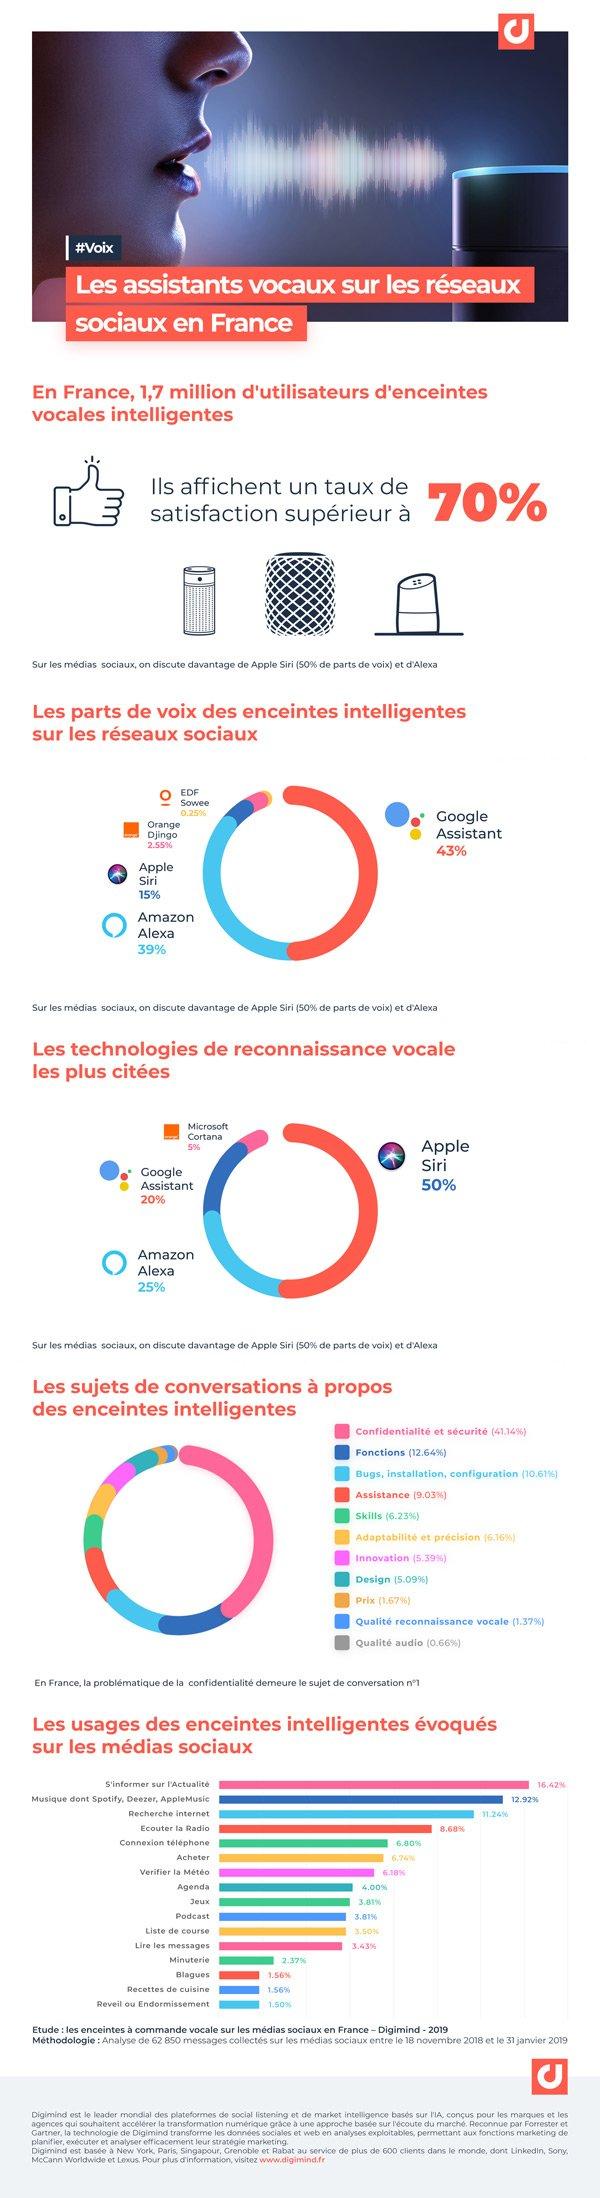 Infographie #voix Les assistants vocaux sur les réseaux sociaux en France